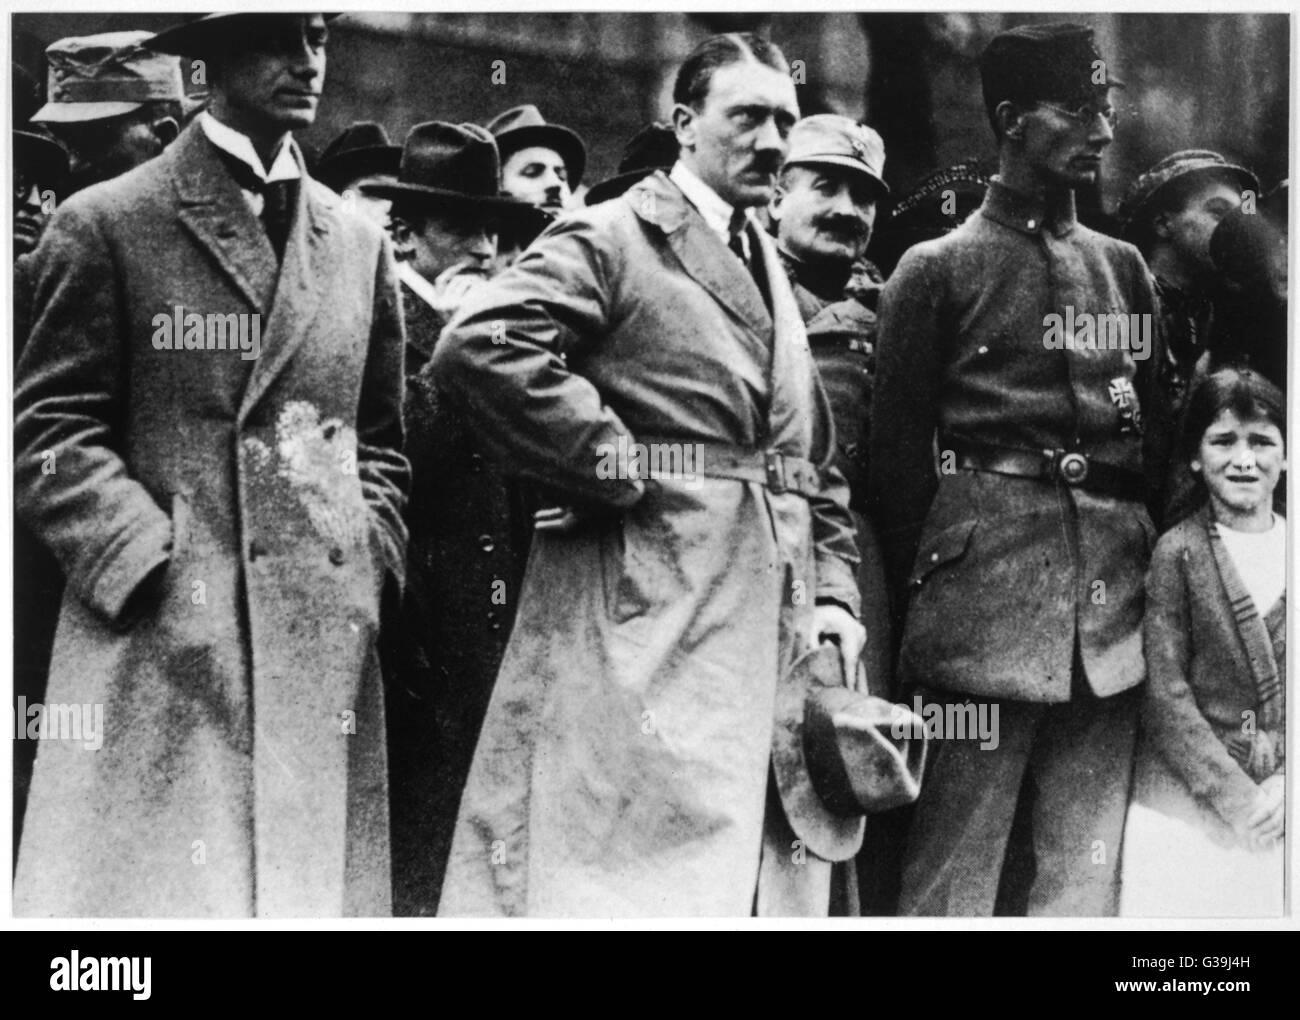 ALFRED ROSENBERG Rosenberg (left) with Hitler  in 1923        Date: 1893 - 1946 - Stock Image